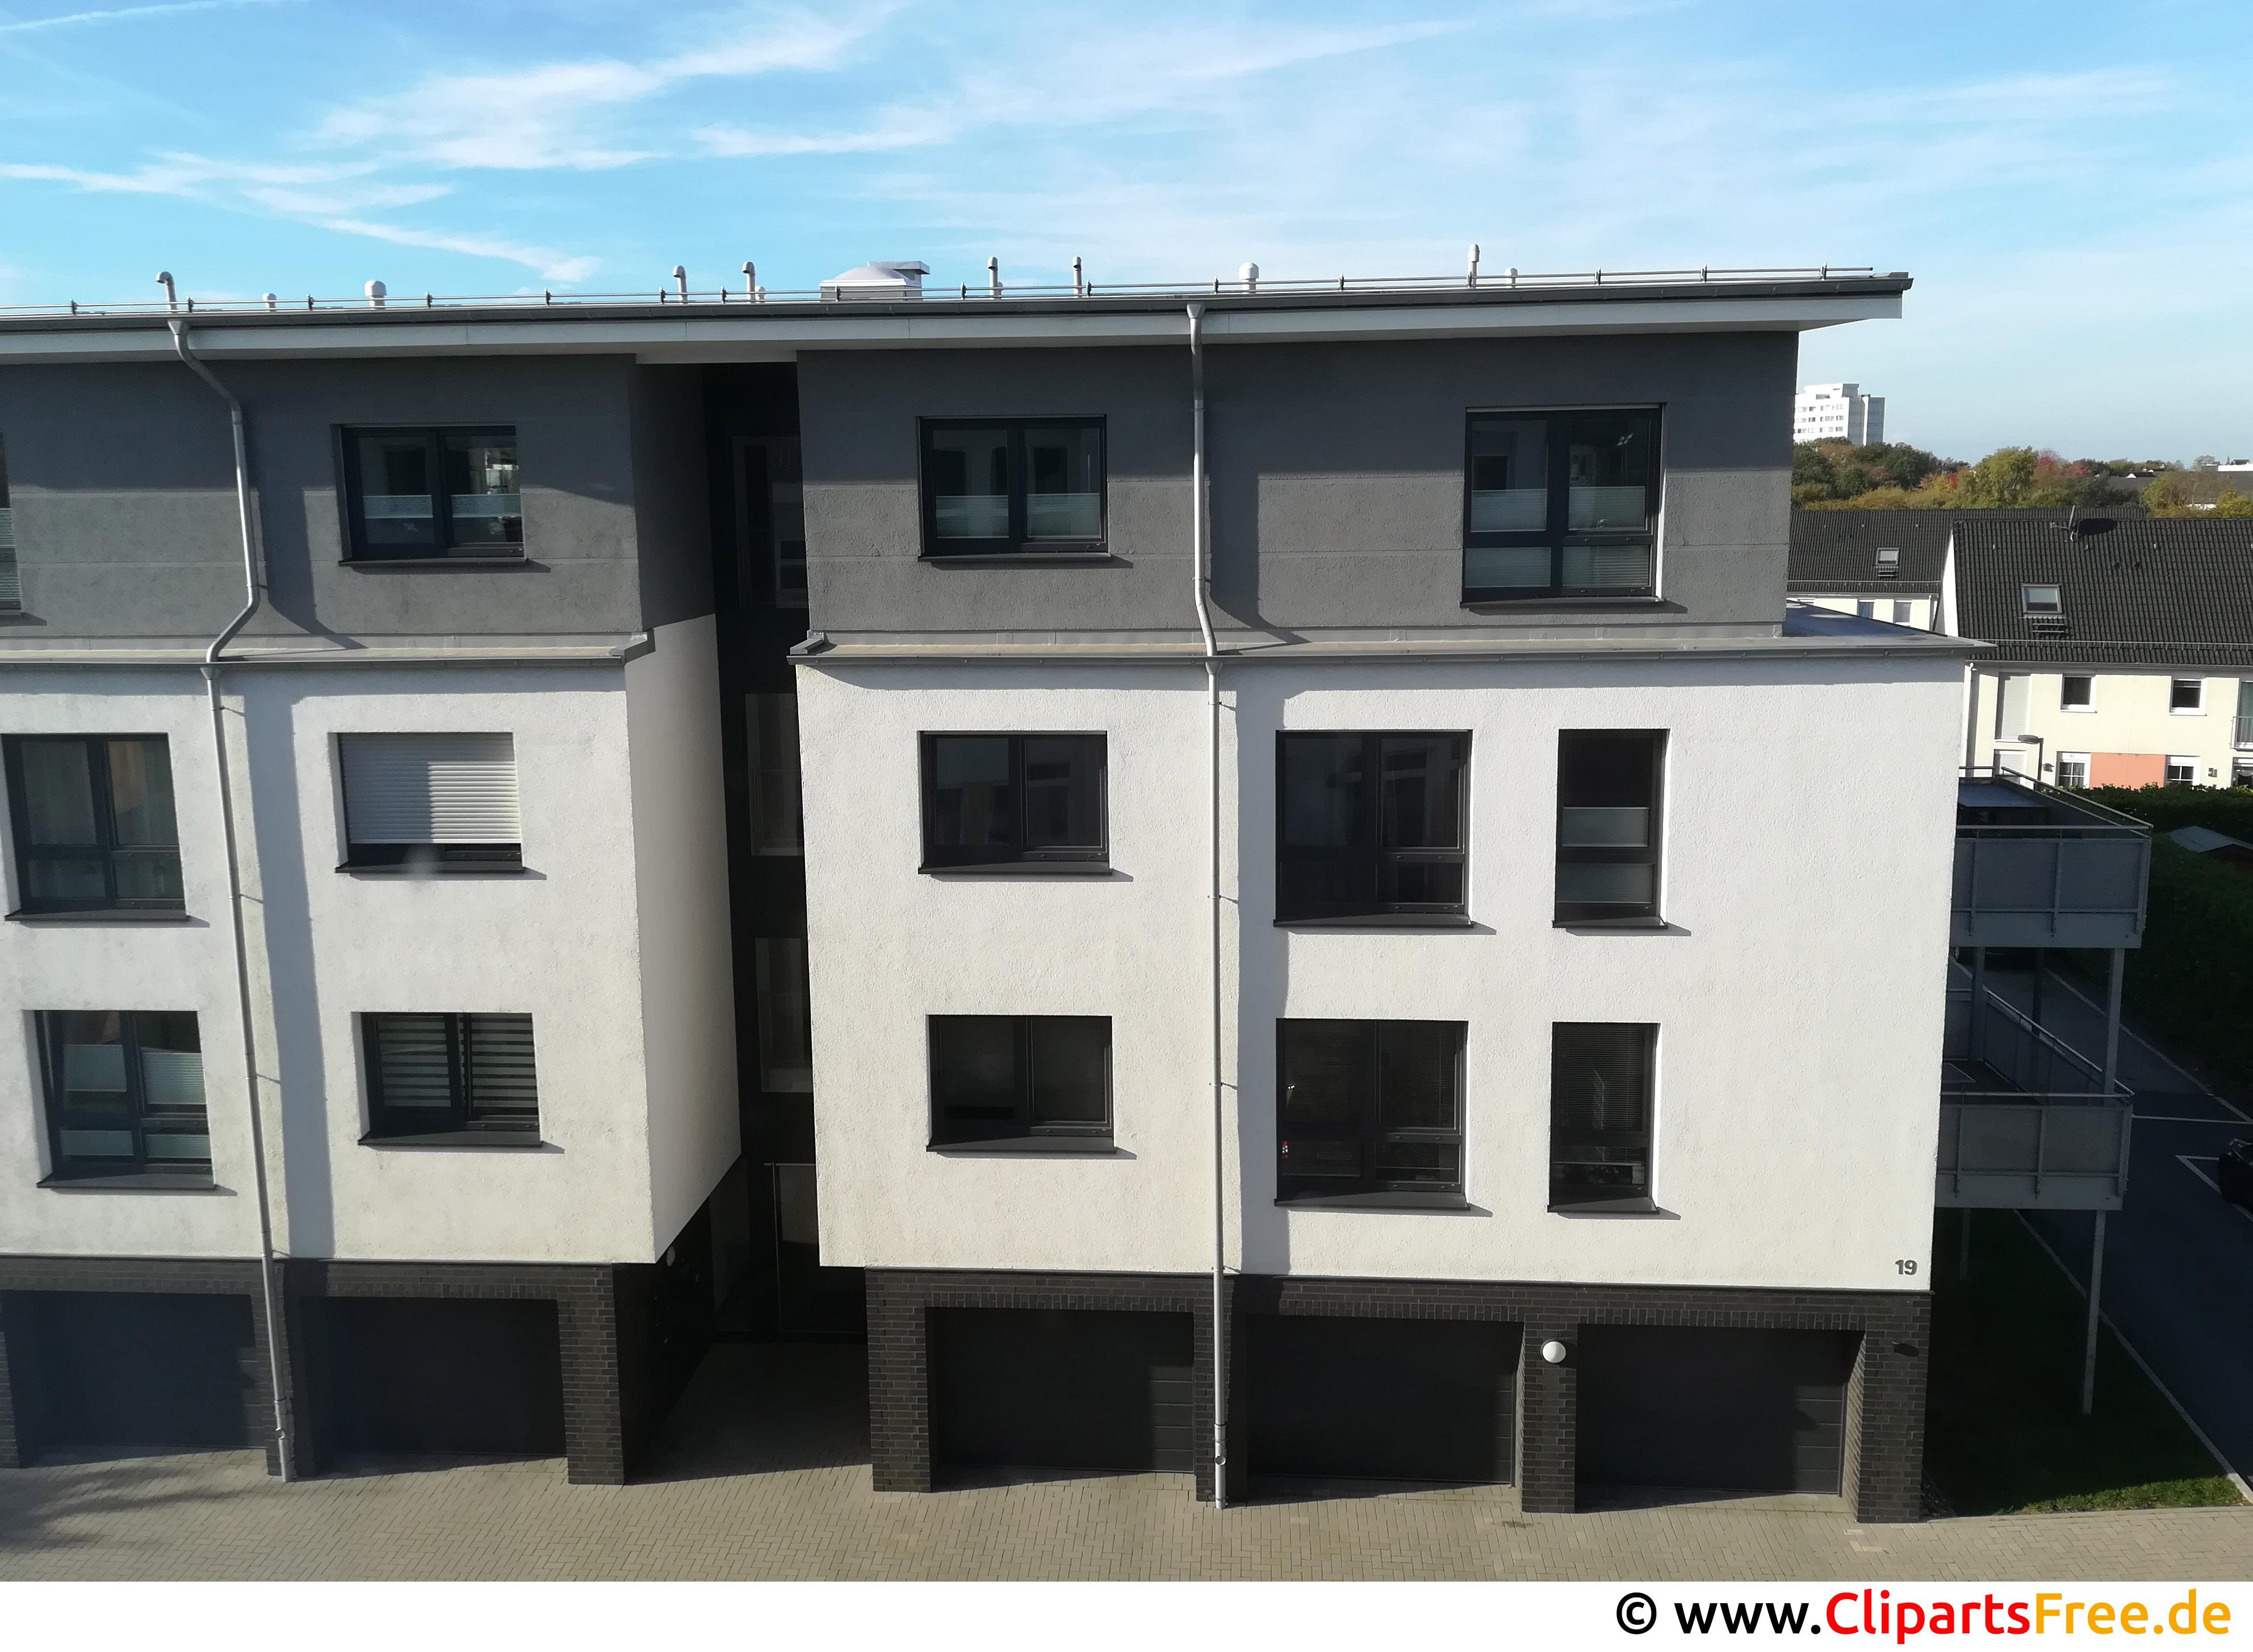 Wohnungen Neubaugebiet Bilderdatenbank kostenlos